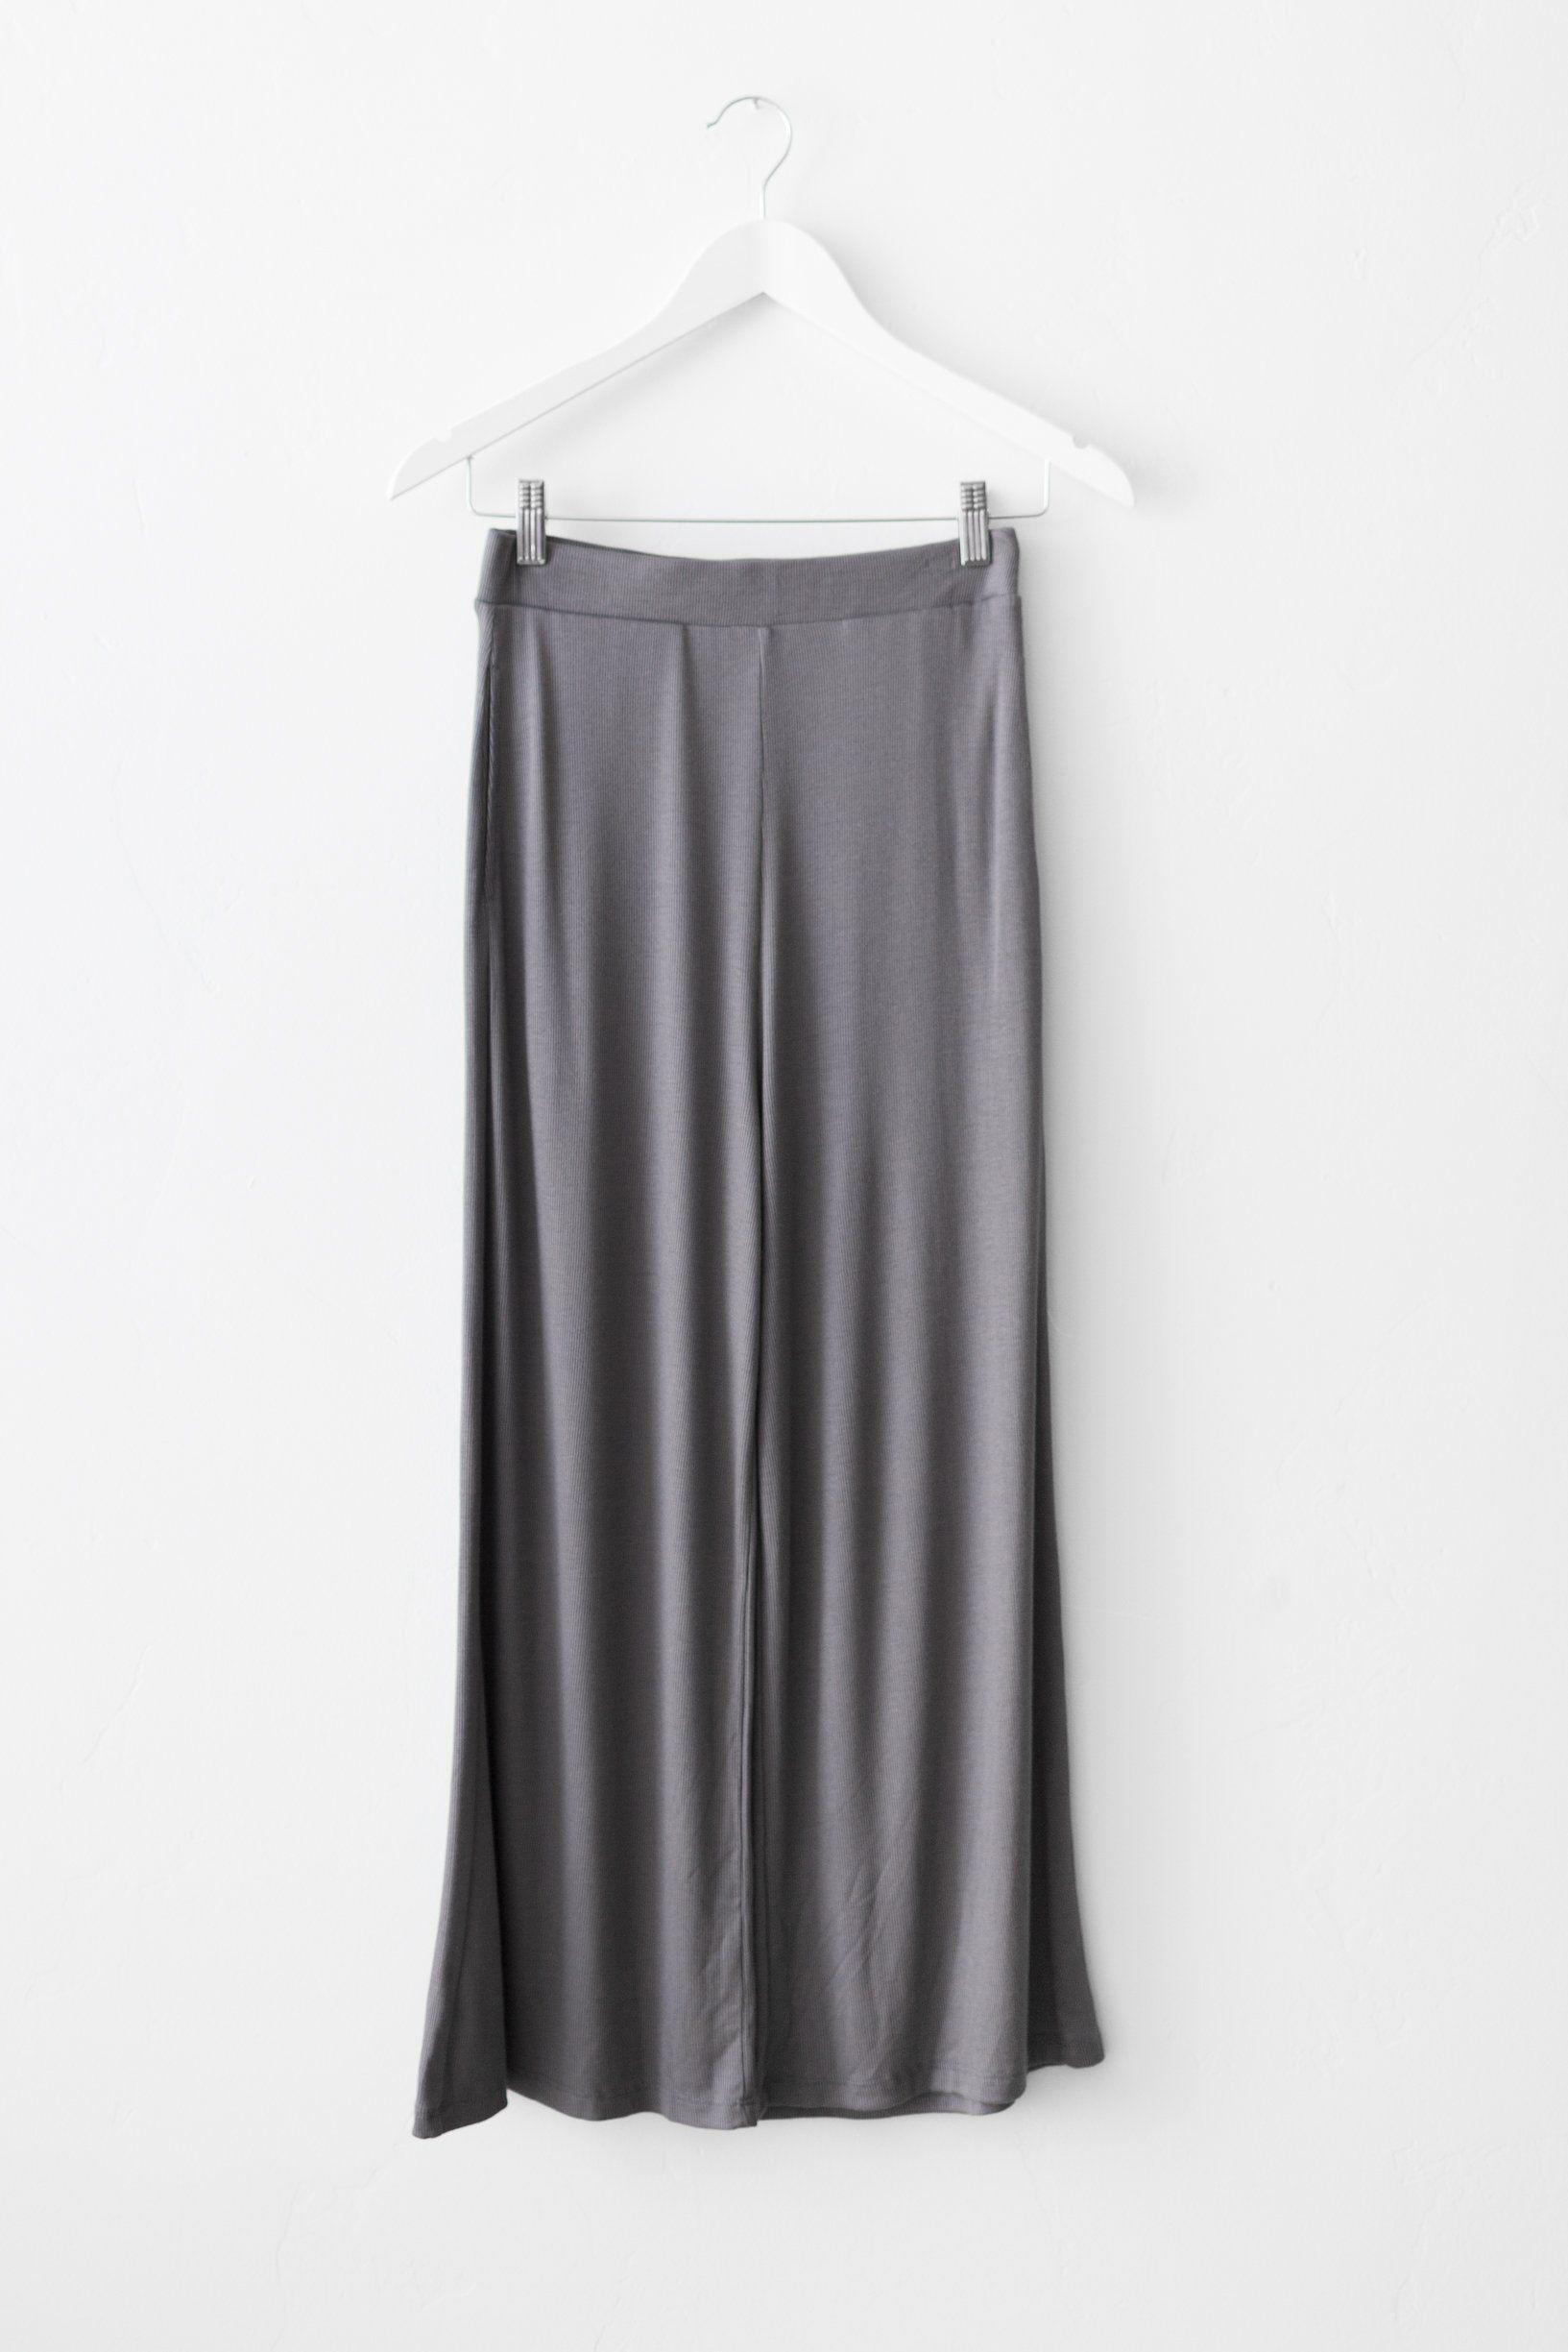 Nova Culotte Pants Culotte pants, Pants, Fashion